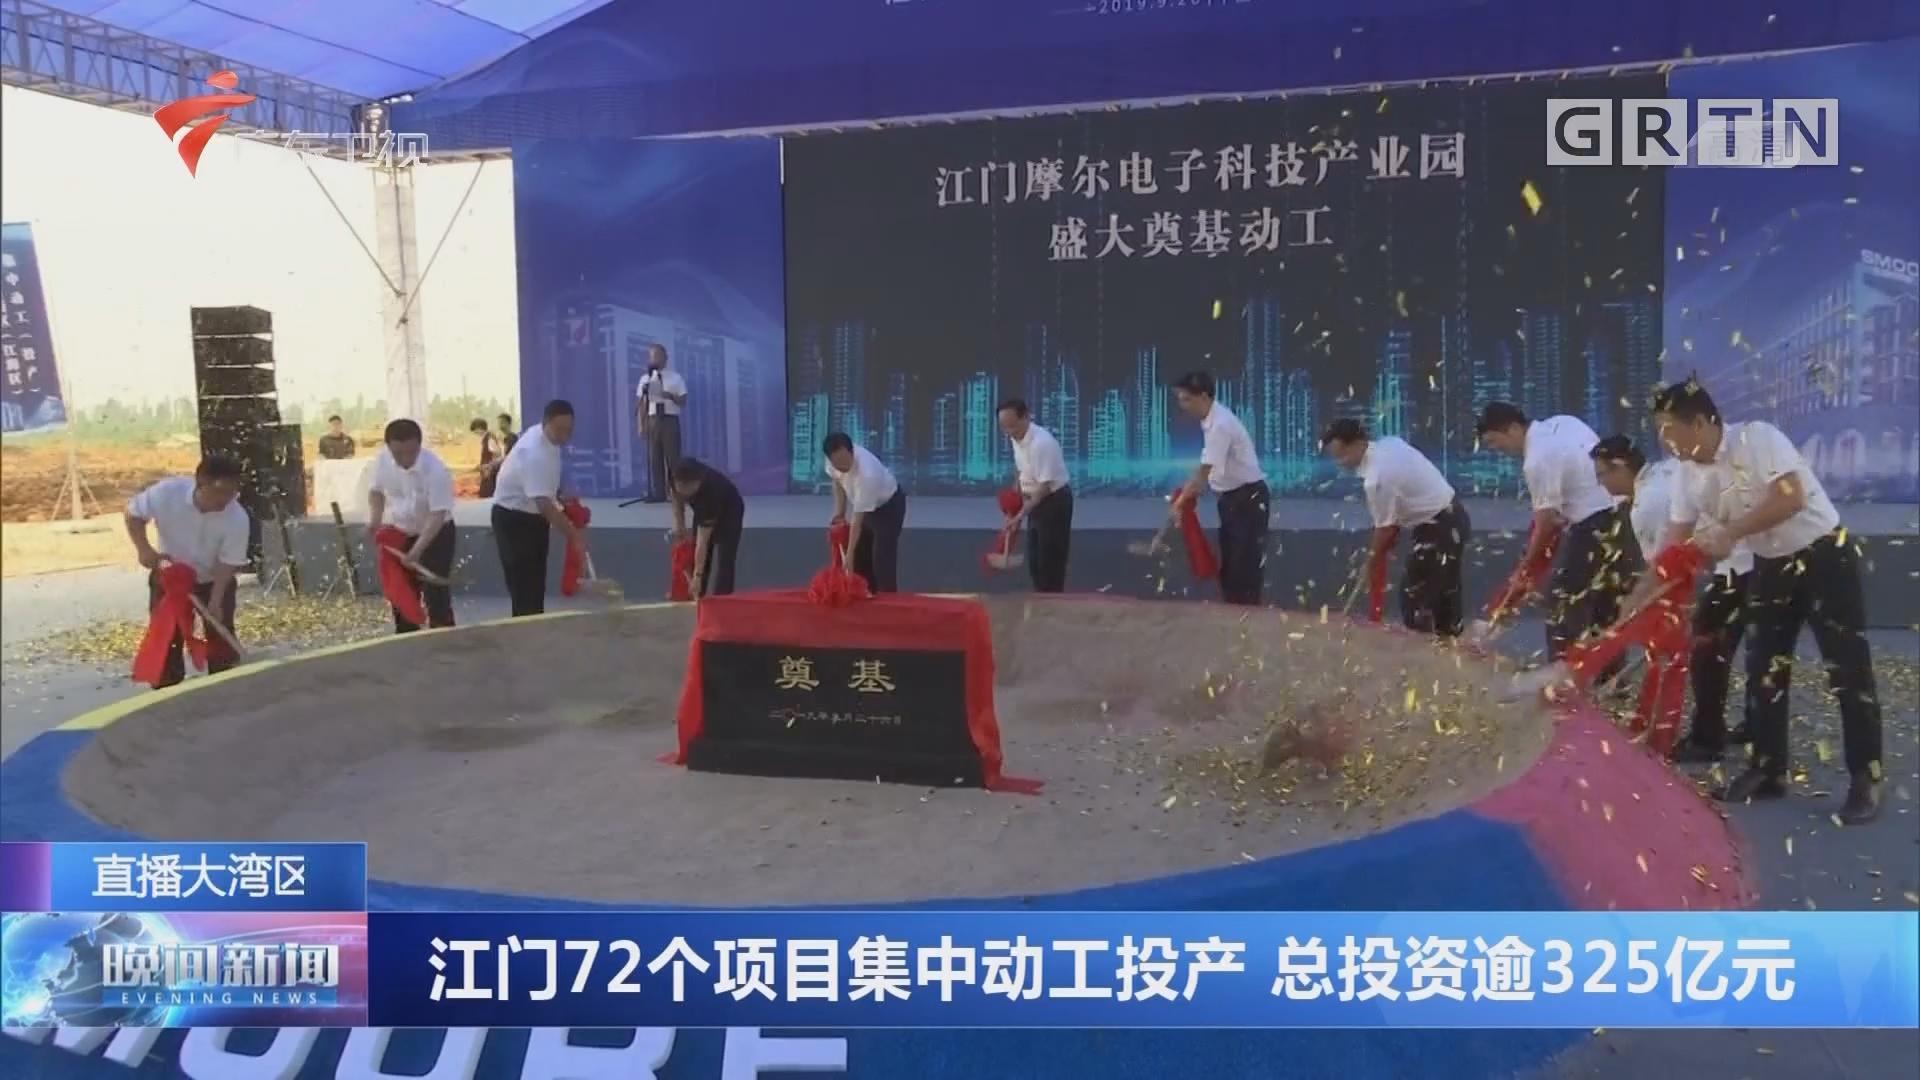 江门72个项目集中动工投产 总投资逾325亿元